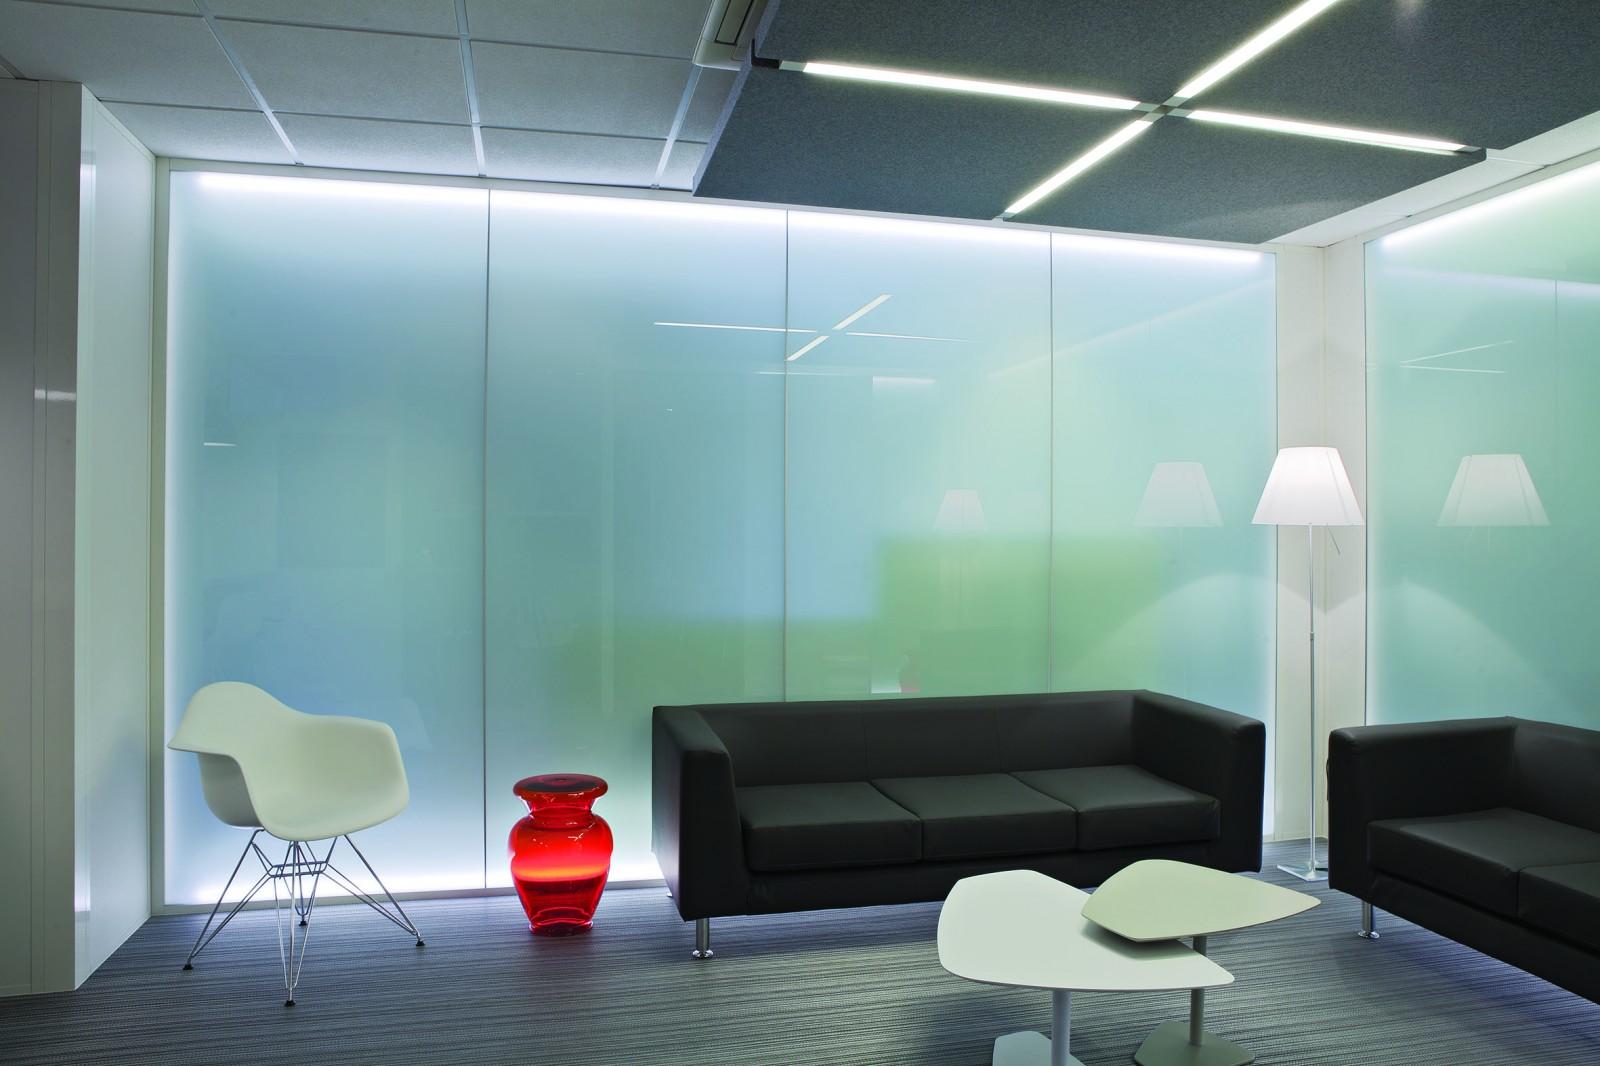 cloison amovible design cloison escalier escalier beton design ahurissant cloison algerie. Black Bedroom Furniture Sets. Home Design Ideas